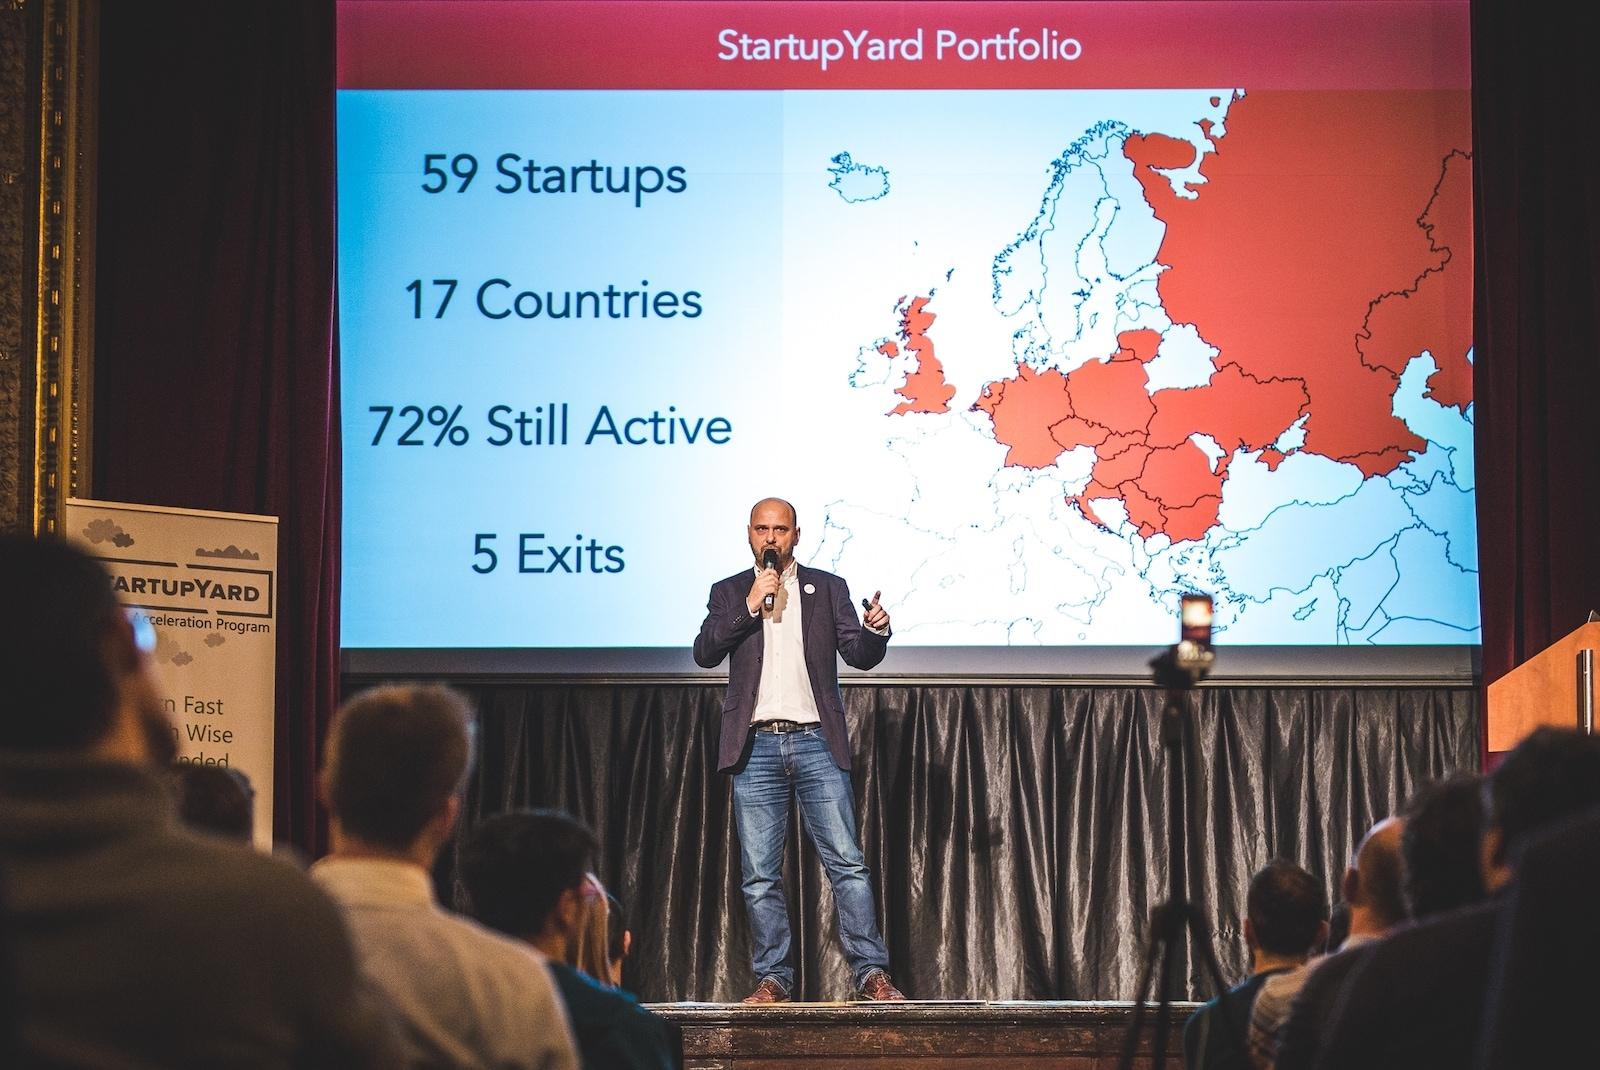 Šéf StartupYardu Cédric Maloux je ambasadorem Startupperu